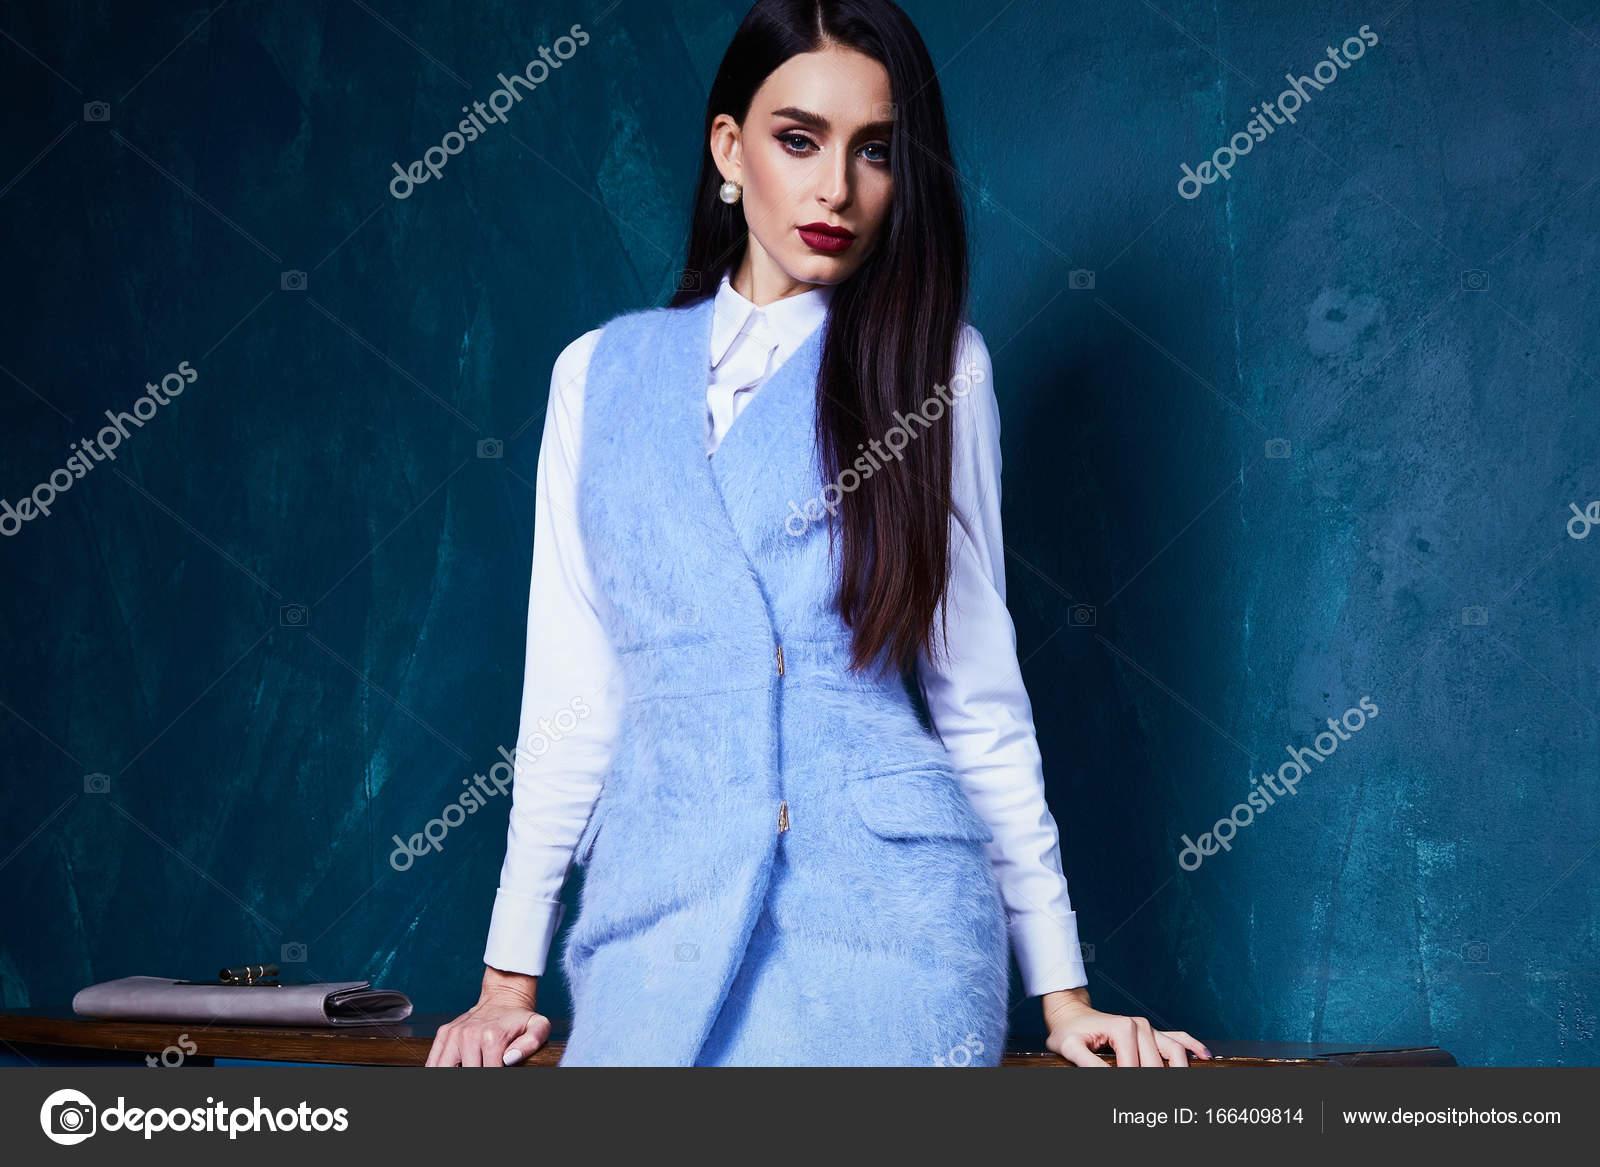 9283a0898575 Мода стиль каталог коллекции верхней одежды осень весна — Стоковое ...